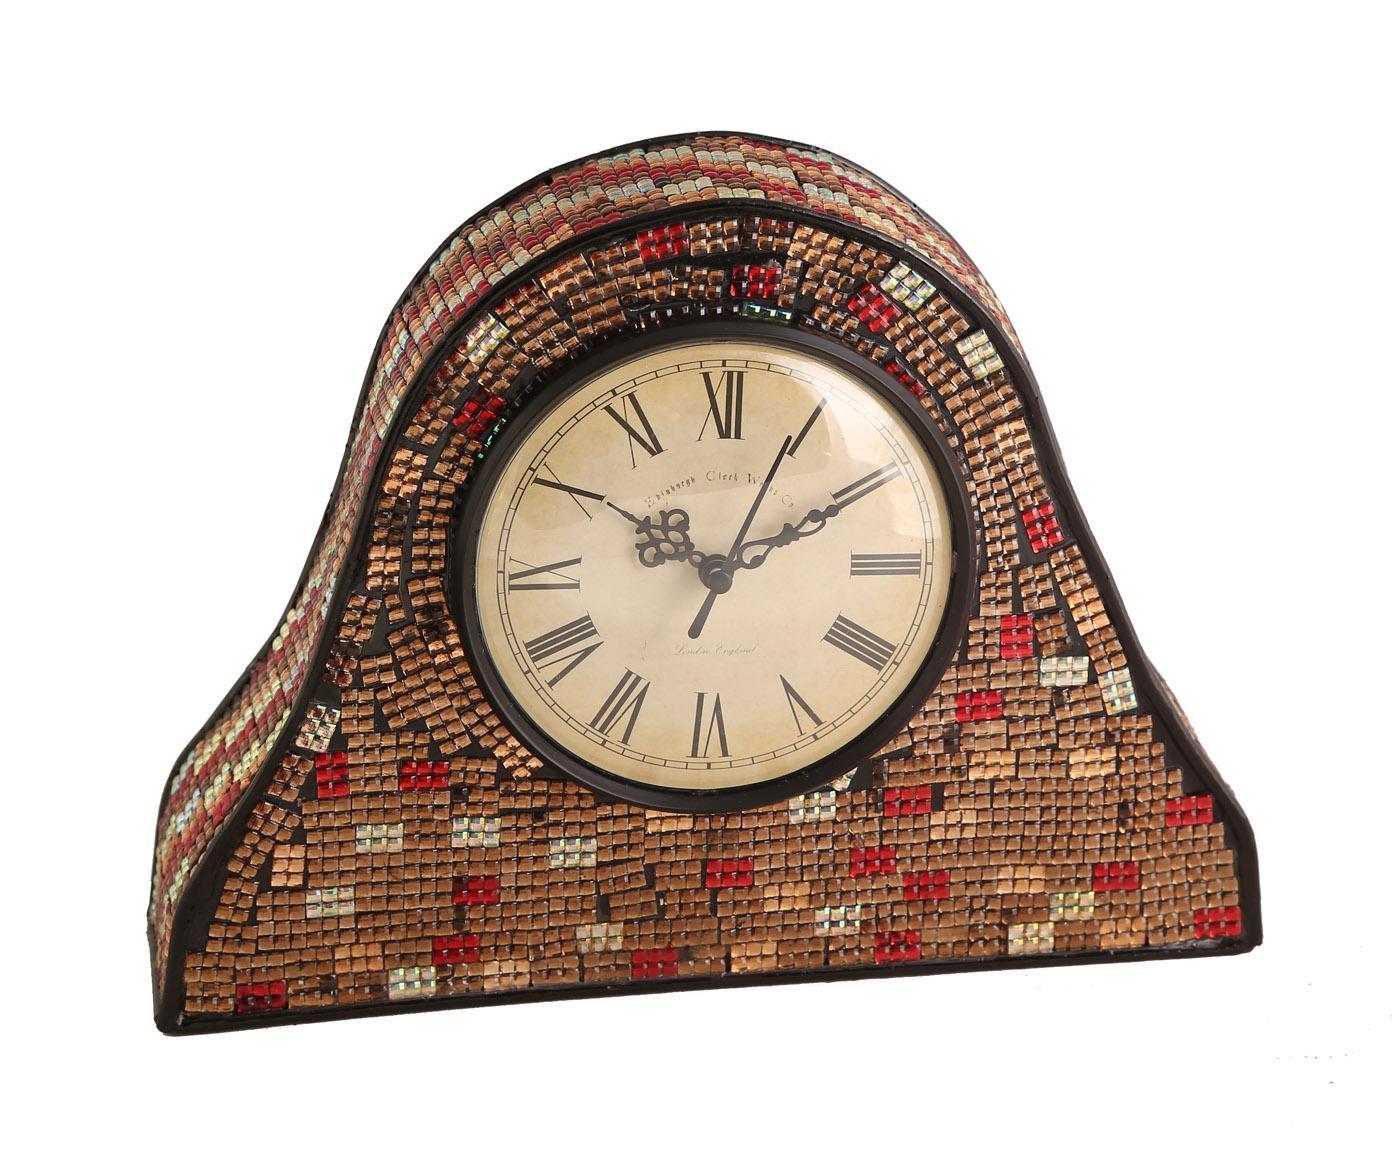 Часы настольныеНастольные часы<br>Дизайнерские часы с кварцевым механизмом. Работают от батарейки типа АА, каркас из металла,отличаются оригинальностью и неповторимостью форм и красок.<br><br>Material: Металл<br>Width см: 28<br>Depth см: 8<br>Height см: 21